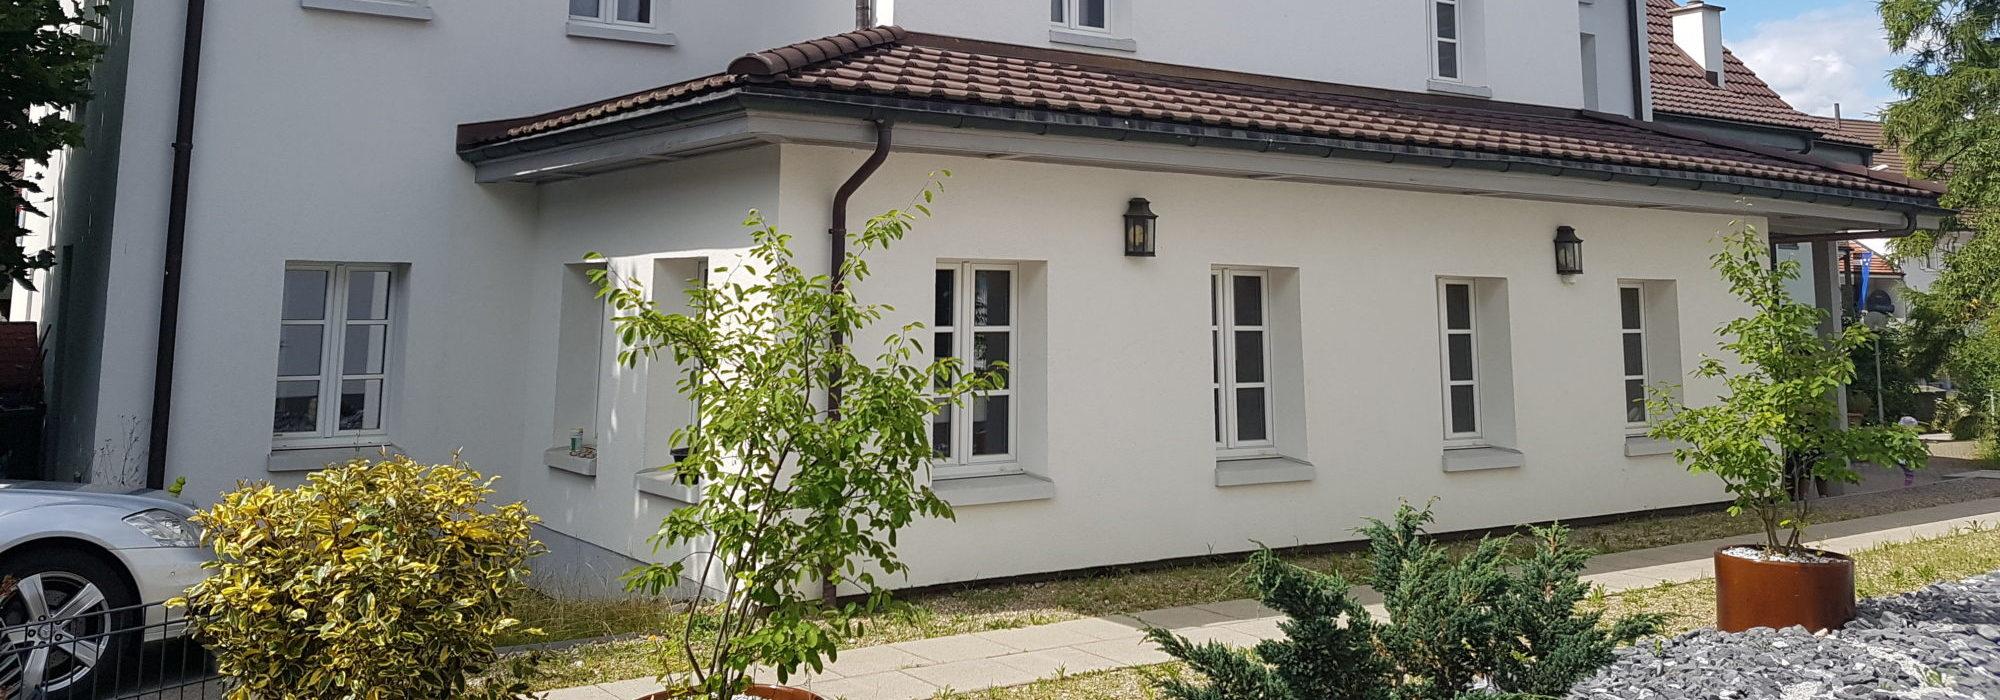 Wohn- und Geschäftshaus in Magden